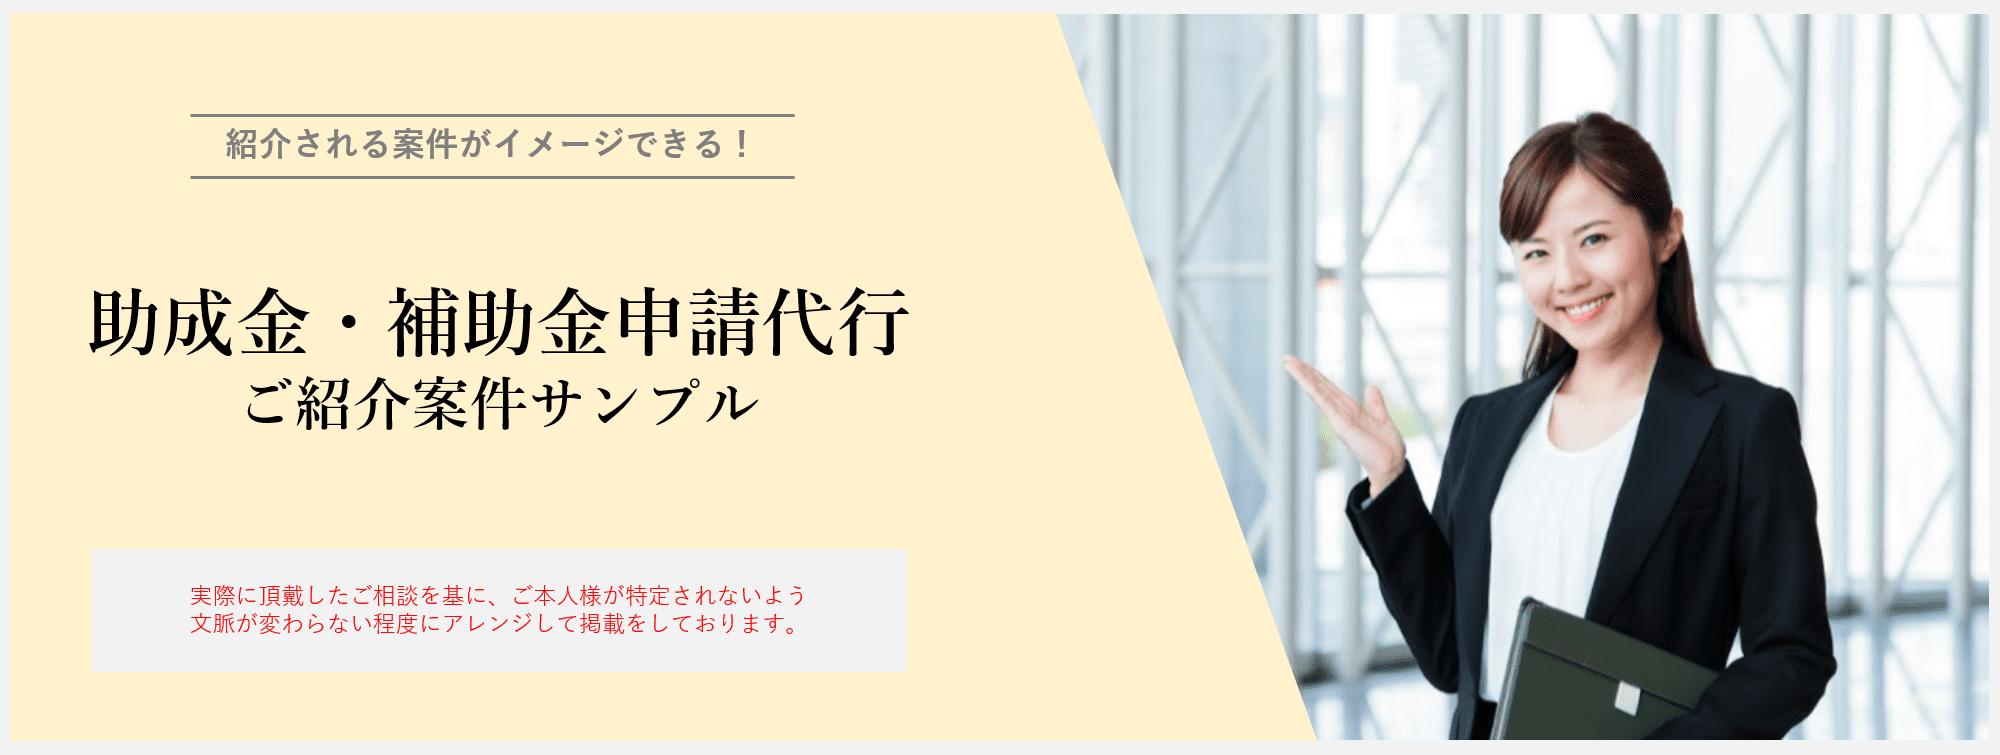 【助成金・補助金申請代行】お問い合わせ実例